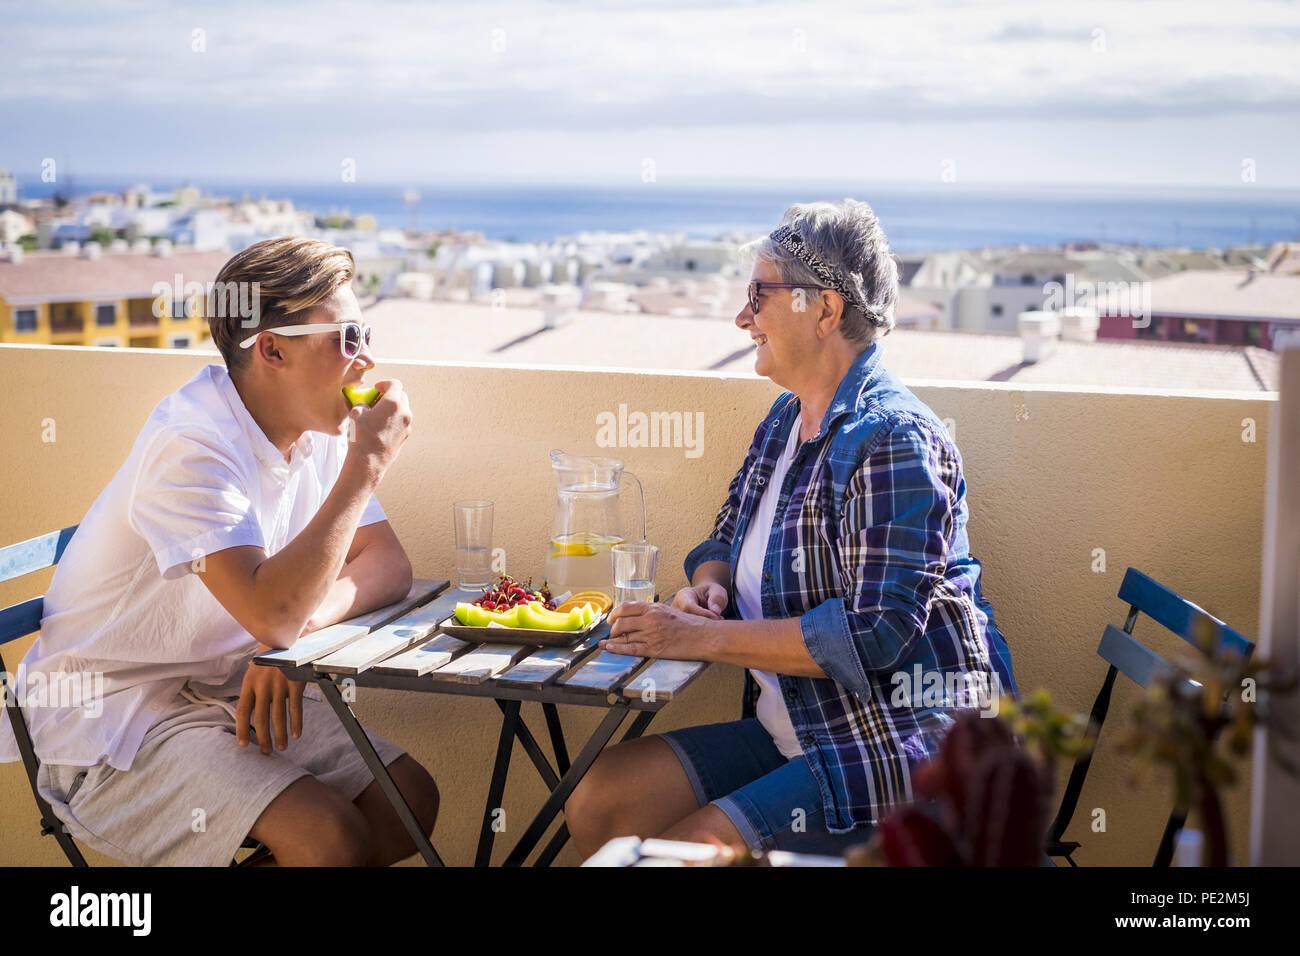 Felice le attività per il tempo libero sulla terrazza tetto avente la colazione con sorrisi e felicità per la nonna e adolescente famiglia persone caucasica. oceano un Immagini Stock